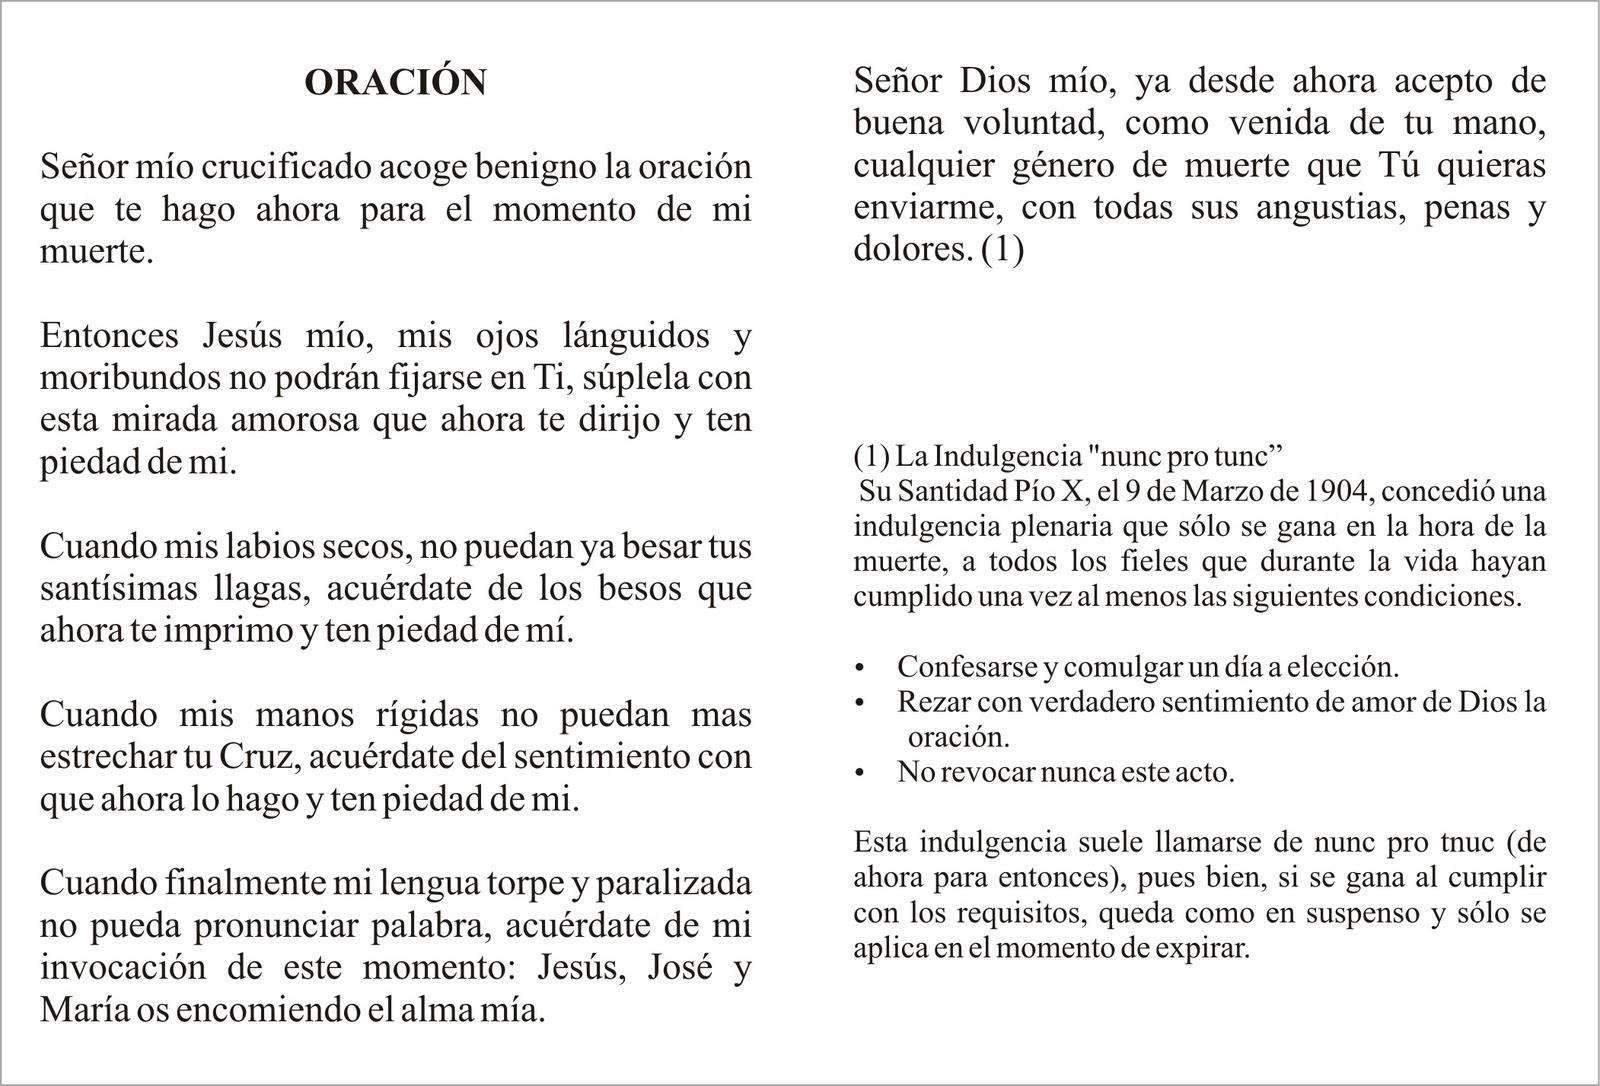 TARJETAS Y ORACIONES CATOLICAS: CON EL CRUCIFIJO EN LA MANO